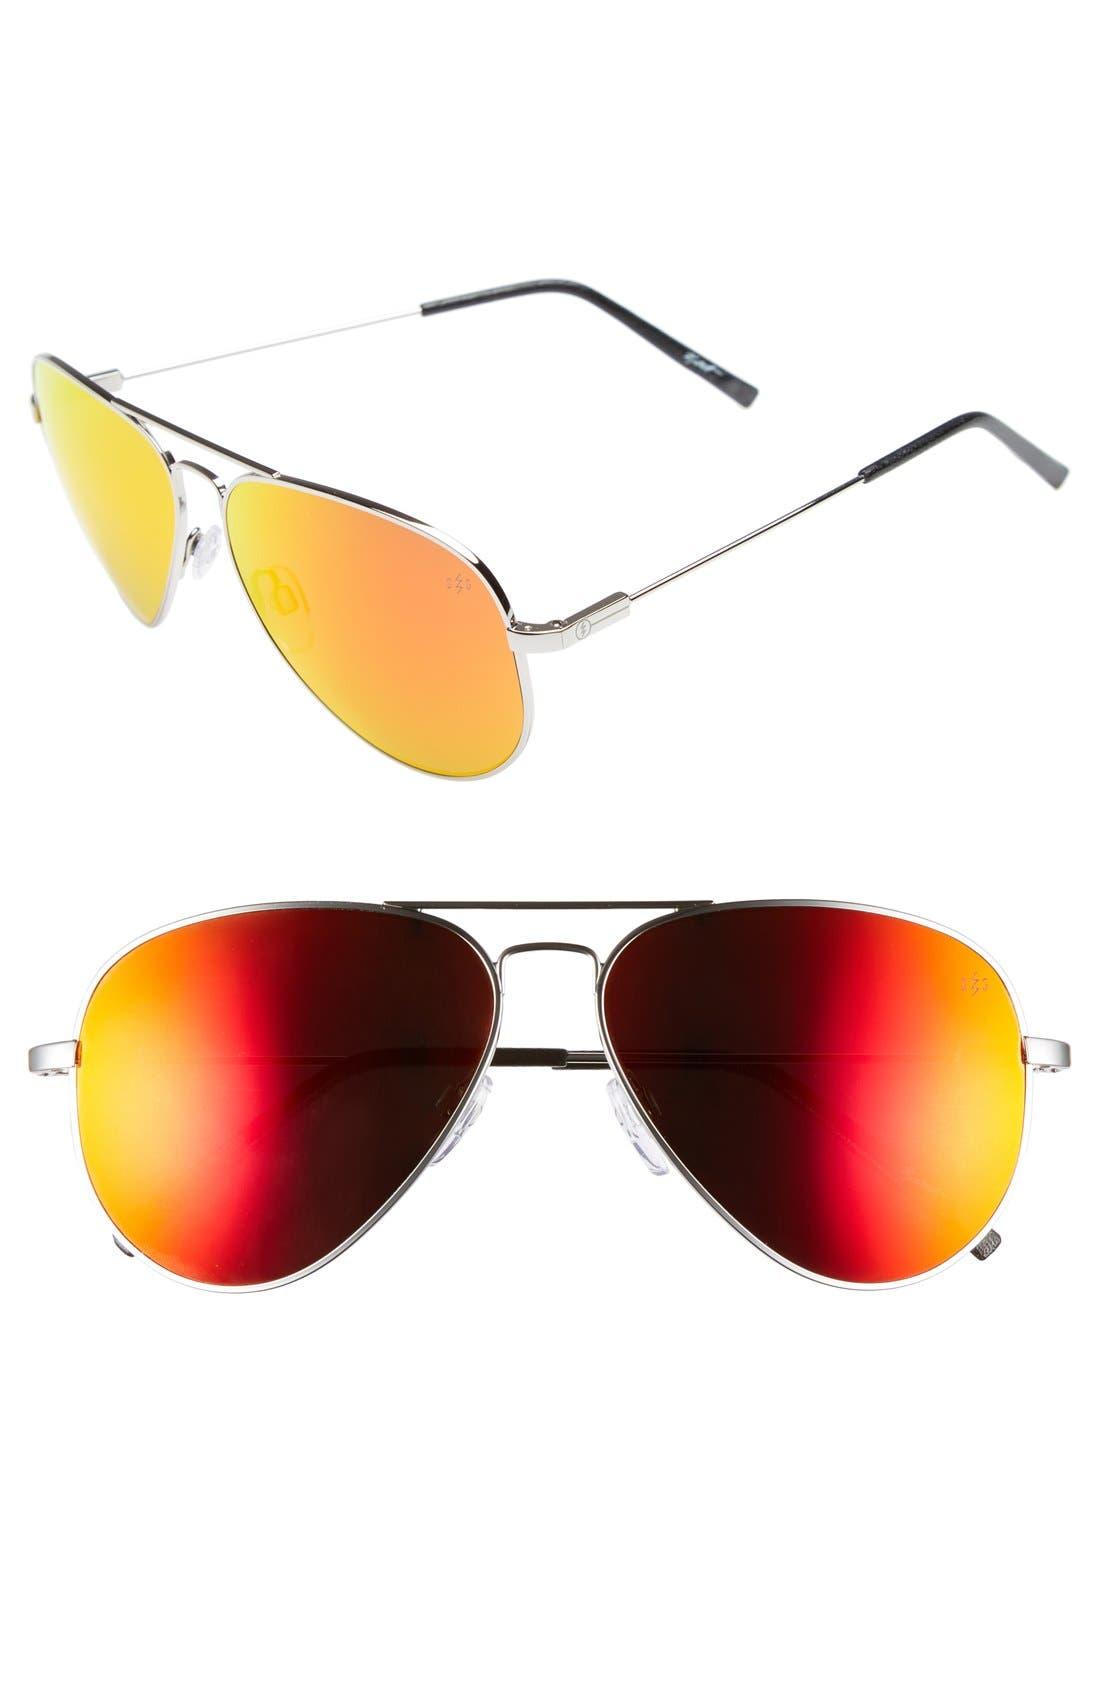 Alternate Image 1 Selected - ELECTRIC 'AV1 Large'58mm Aviator Sunglasses